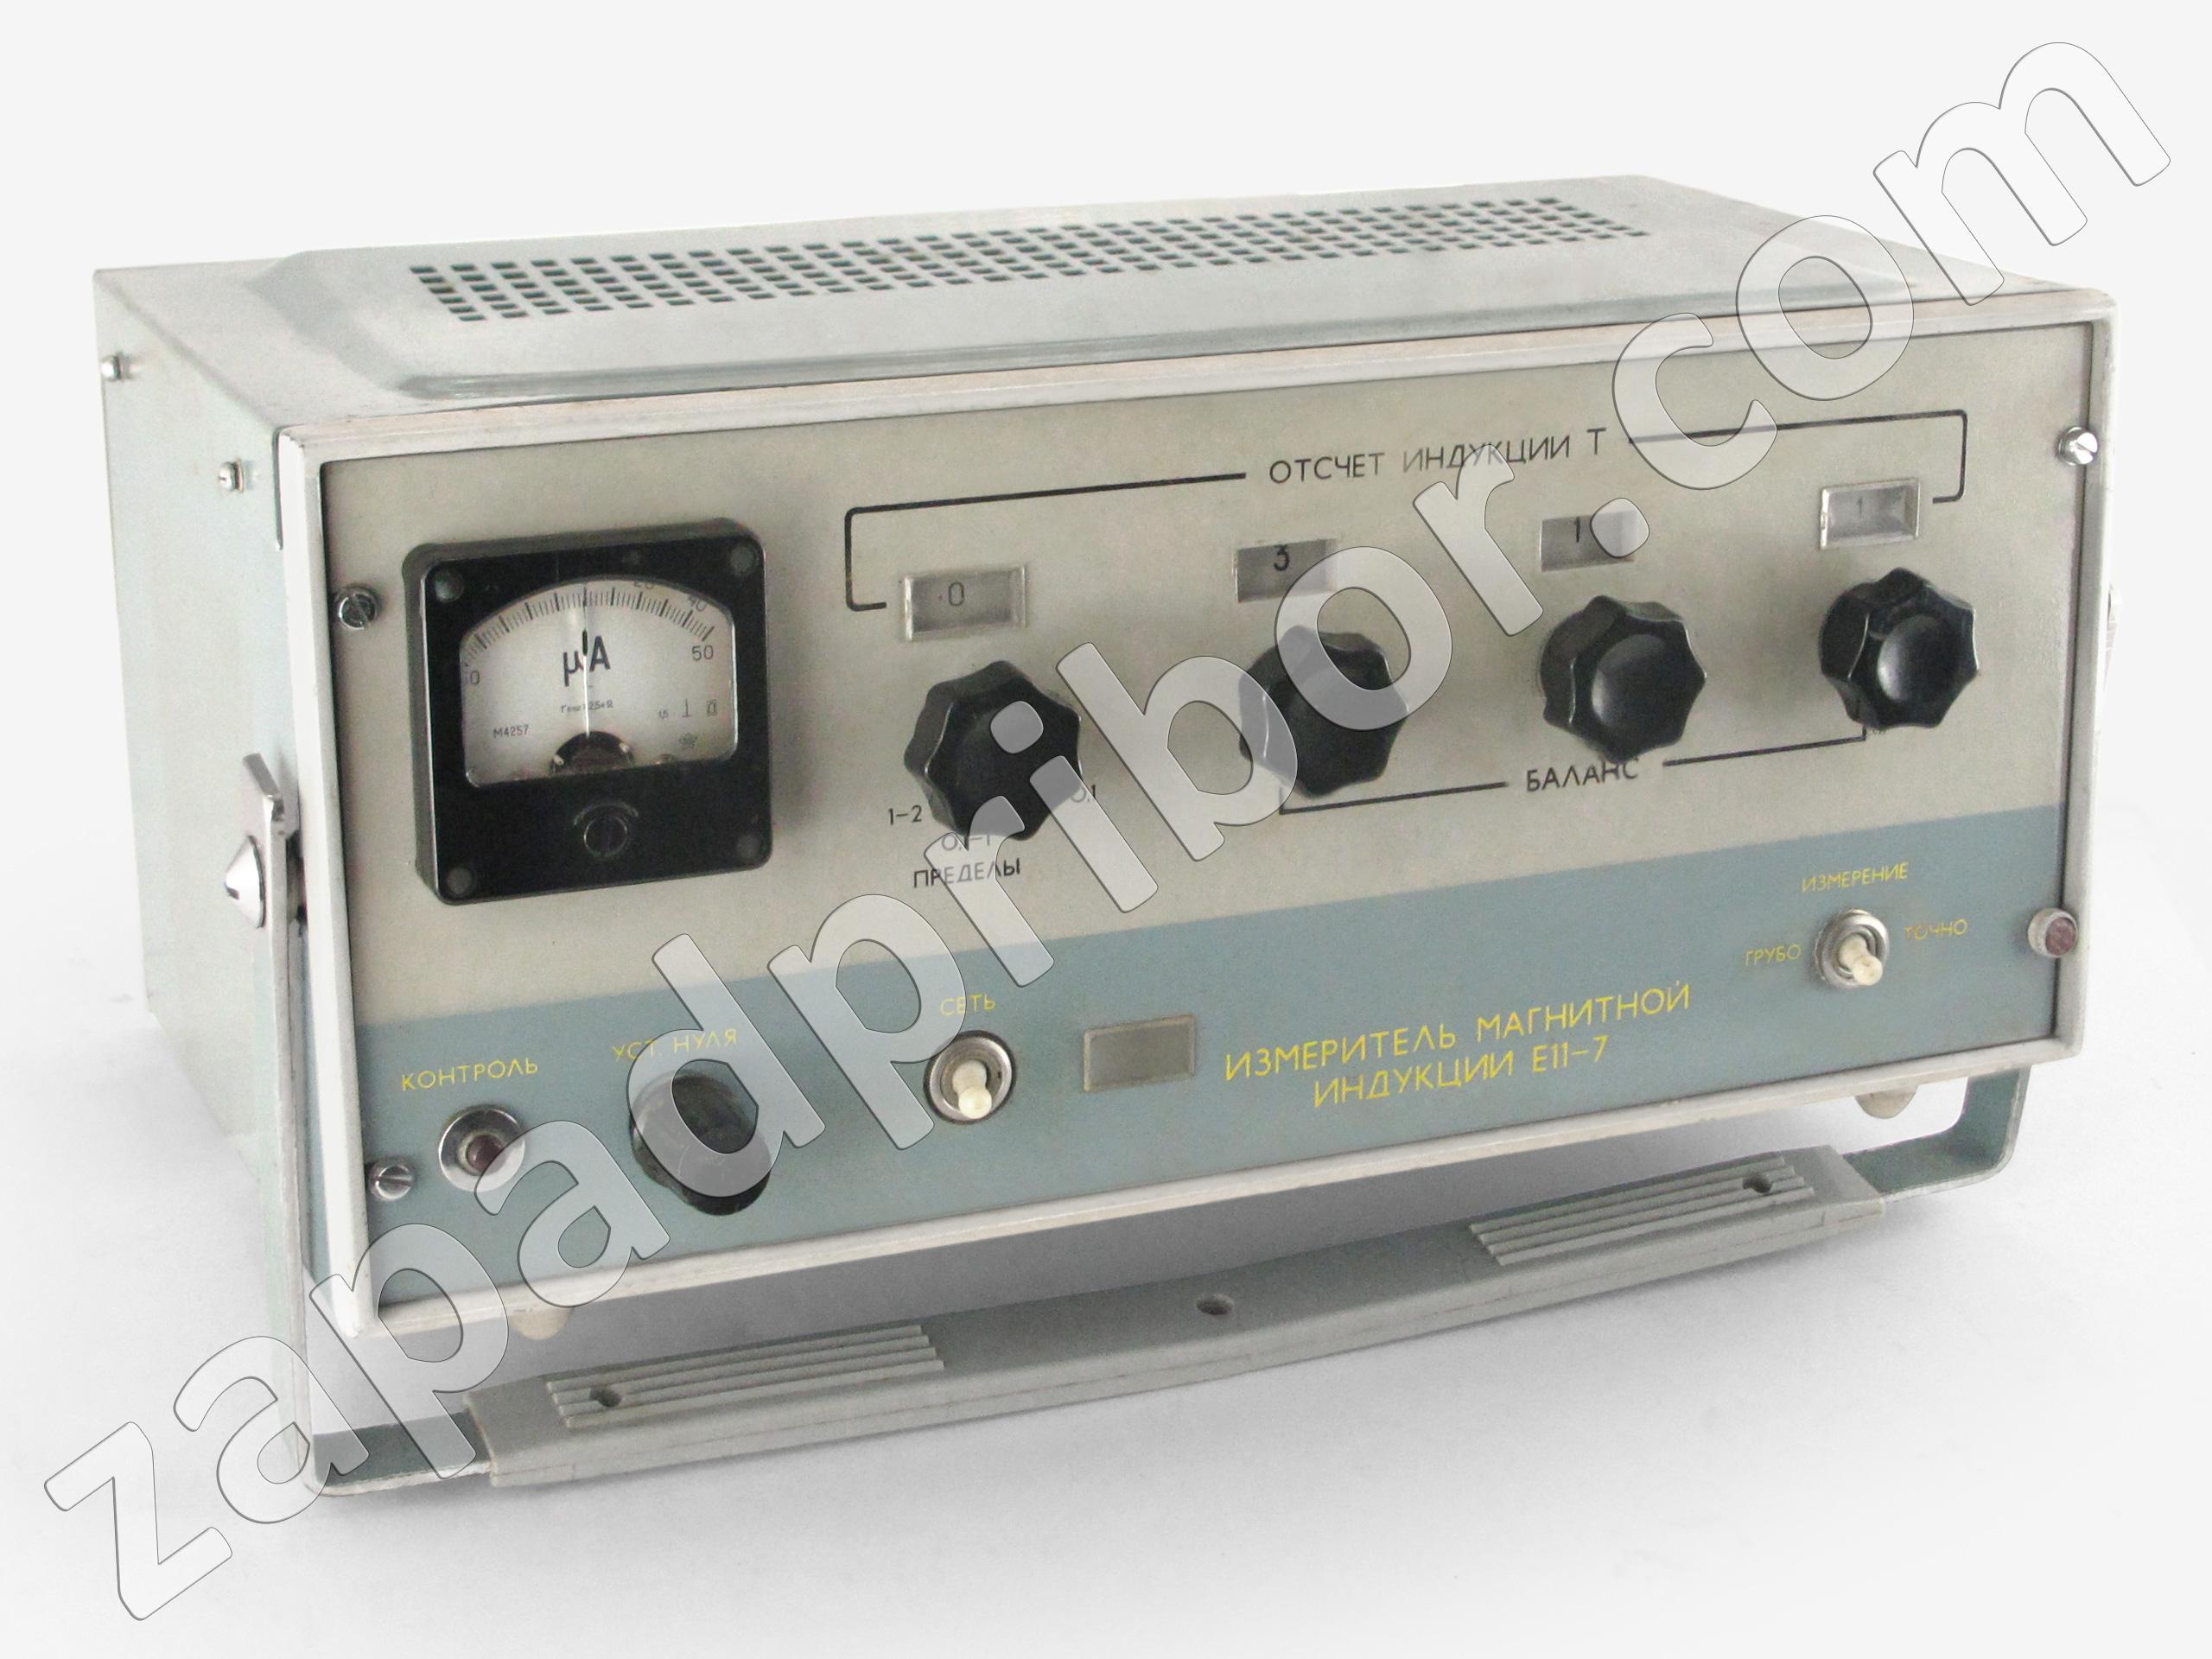 измерители магнитной индукции  низкие цены, в наличии на складе ... edd98e0f9ae